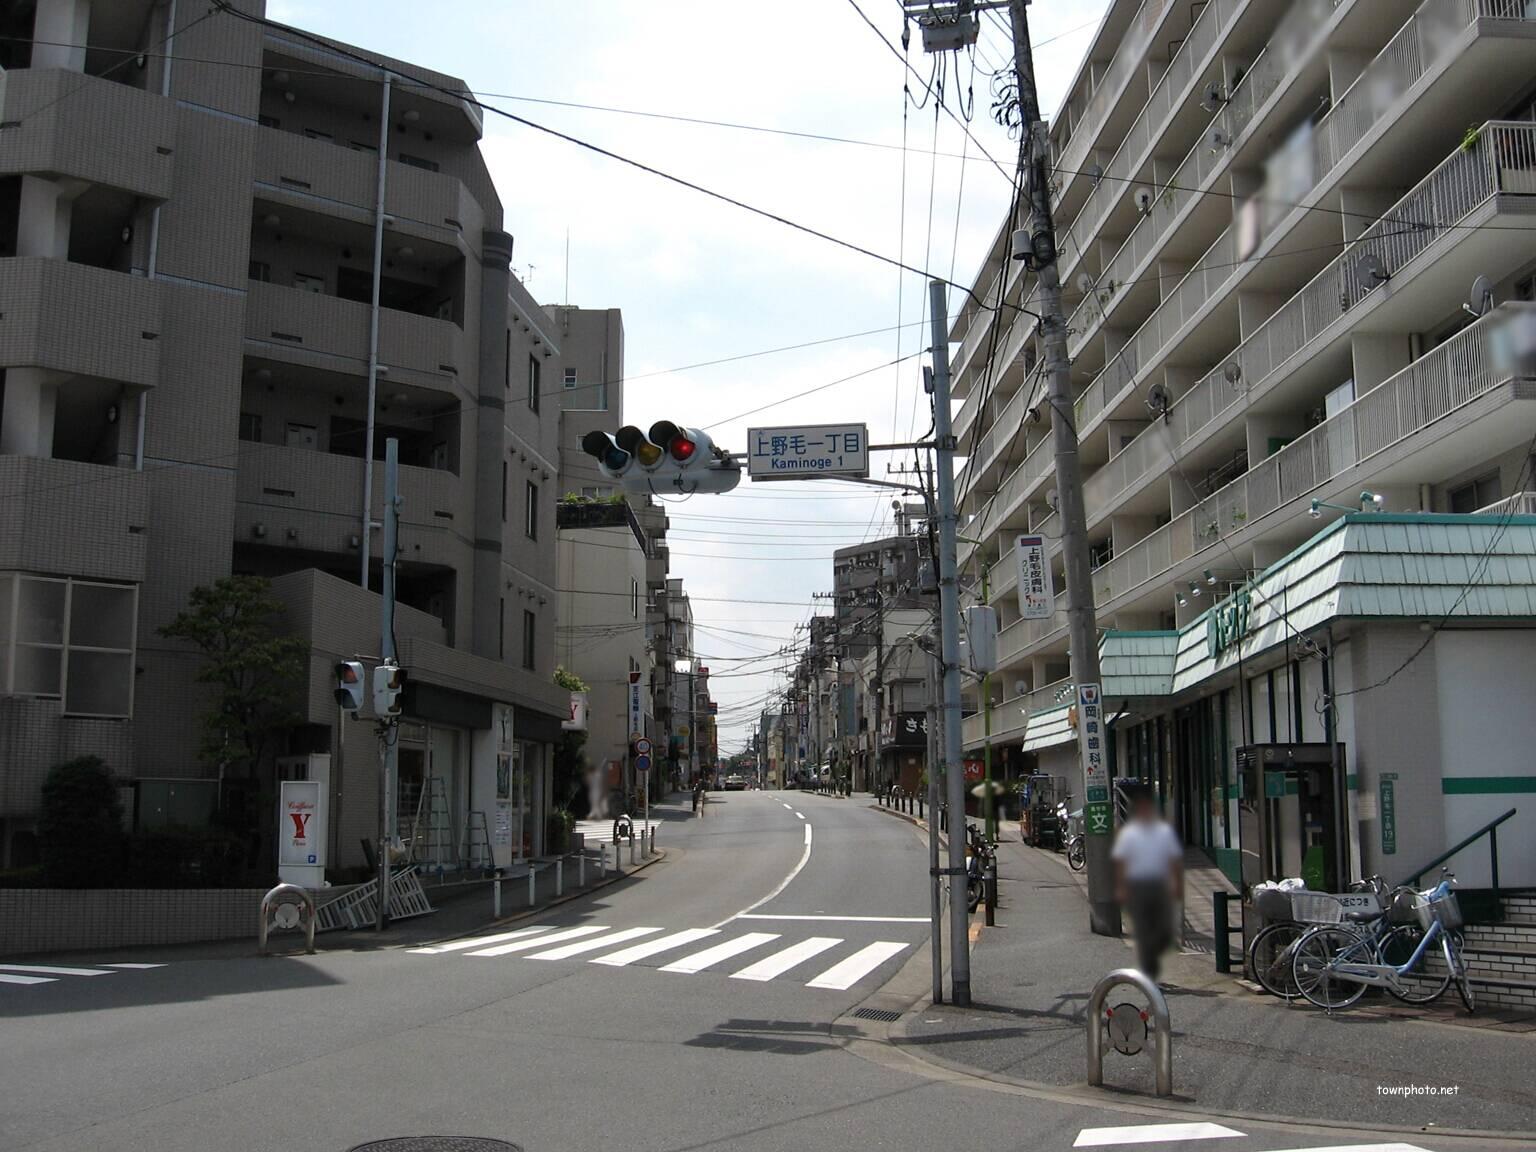 「上野毛 風景」の画像検索結果